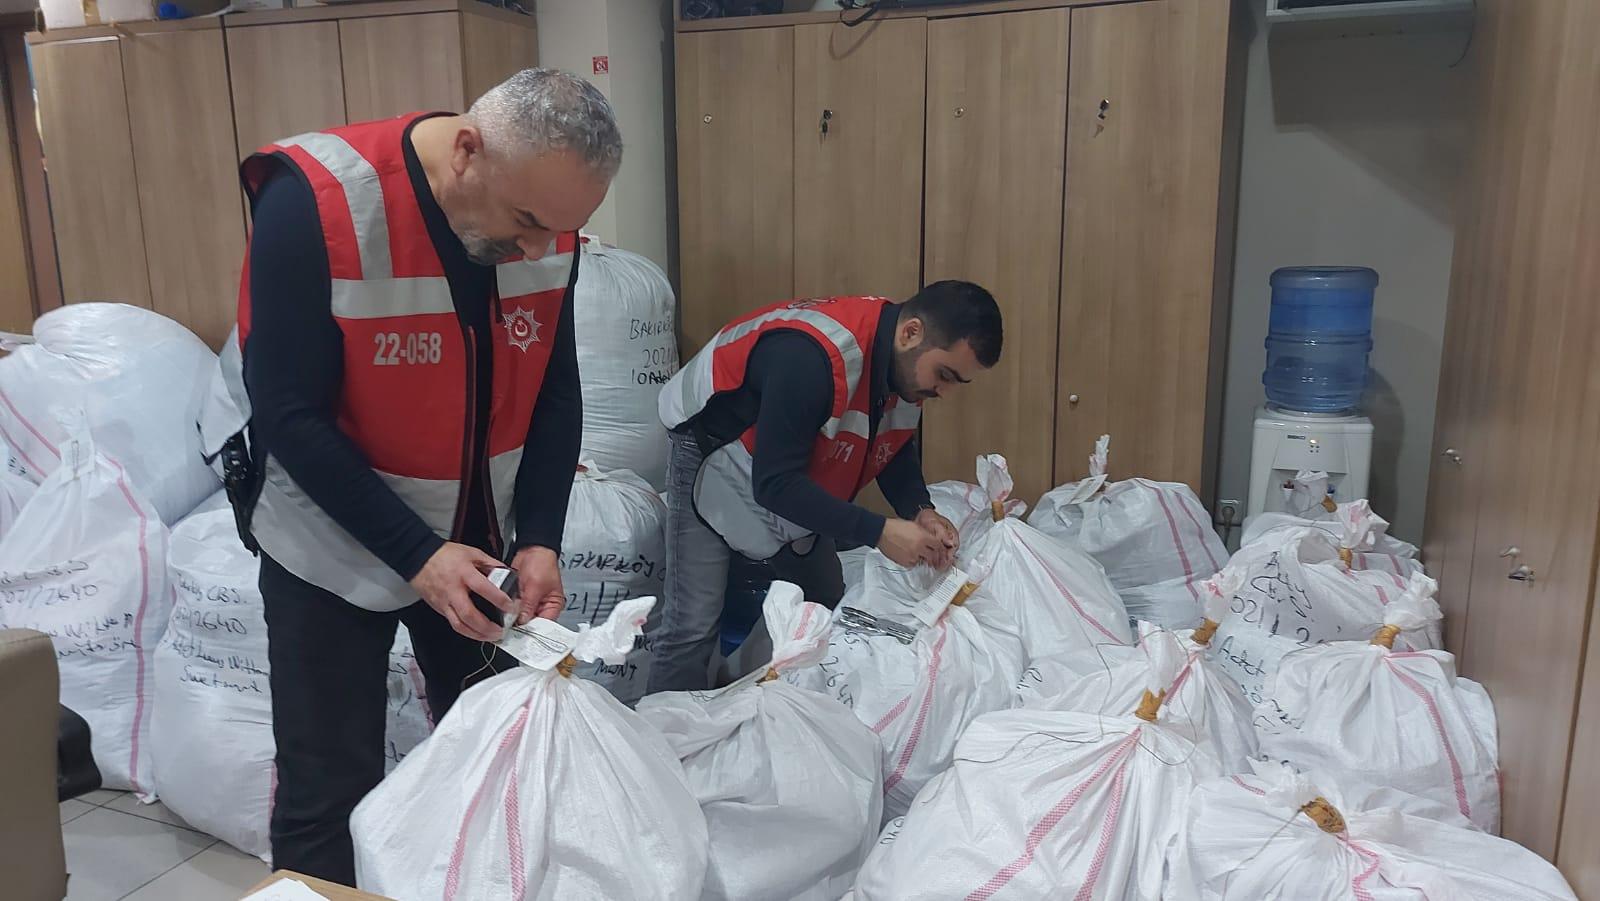 Güngören'de emitasyon tekstil ürünlerine Geçit Yok, 3 kişi gözaltı